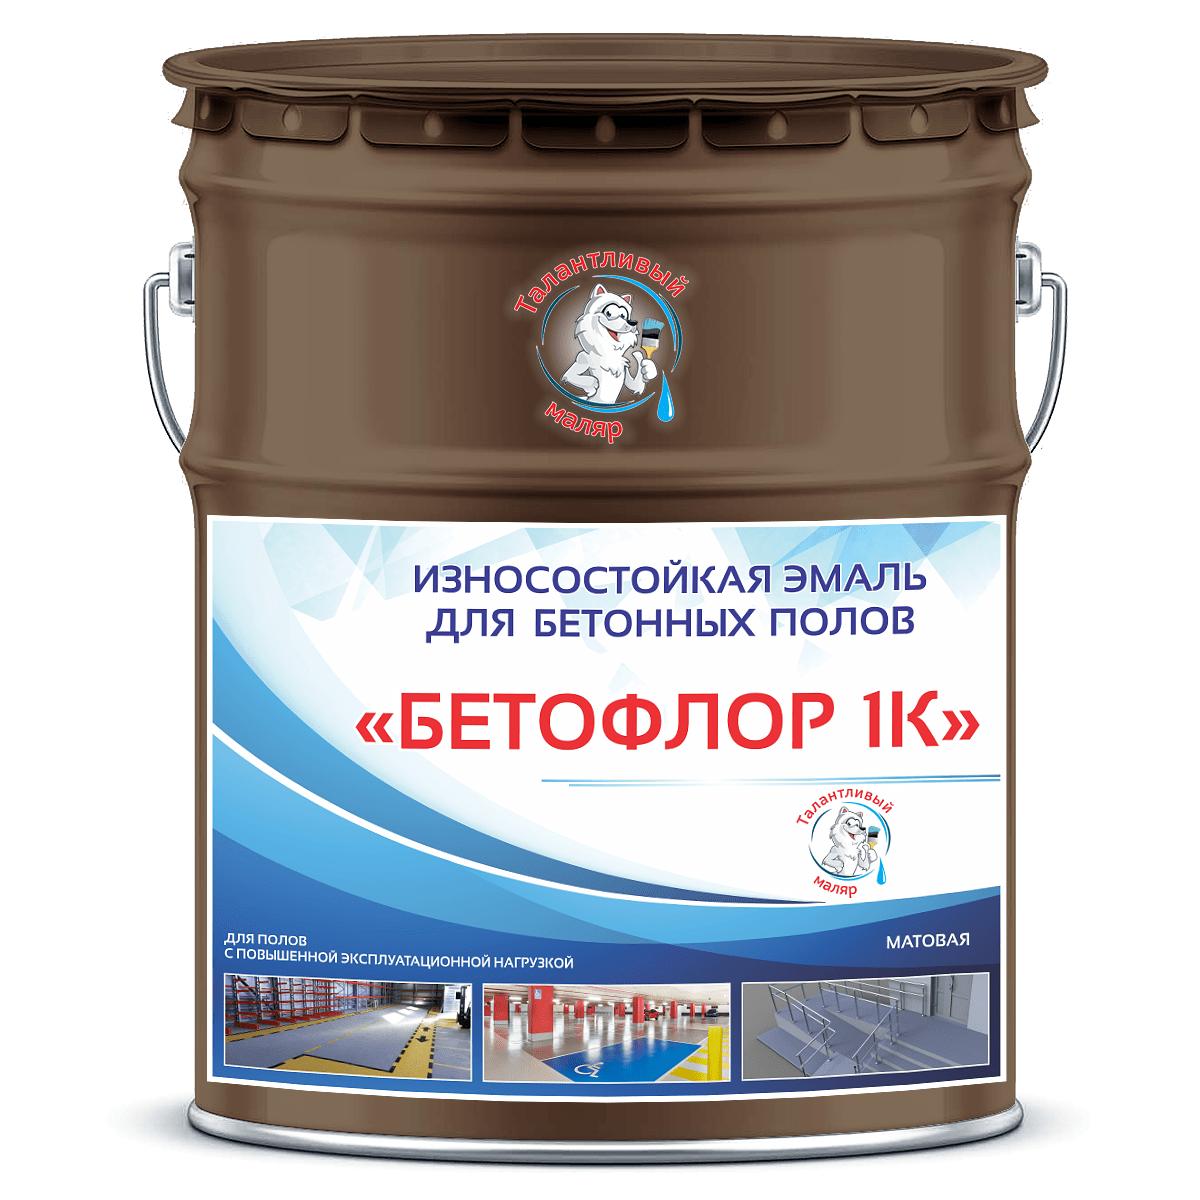 """Фото 19 - BF8028 Эмаль для бетонных полов """"Бетофлор"""" 1К цвет RAL 8028 Терракотовый, матовая износостойкая, 25 кг """"Талантливый Маляр""""."""